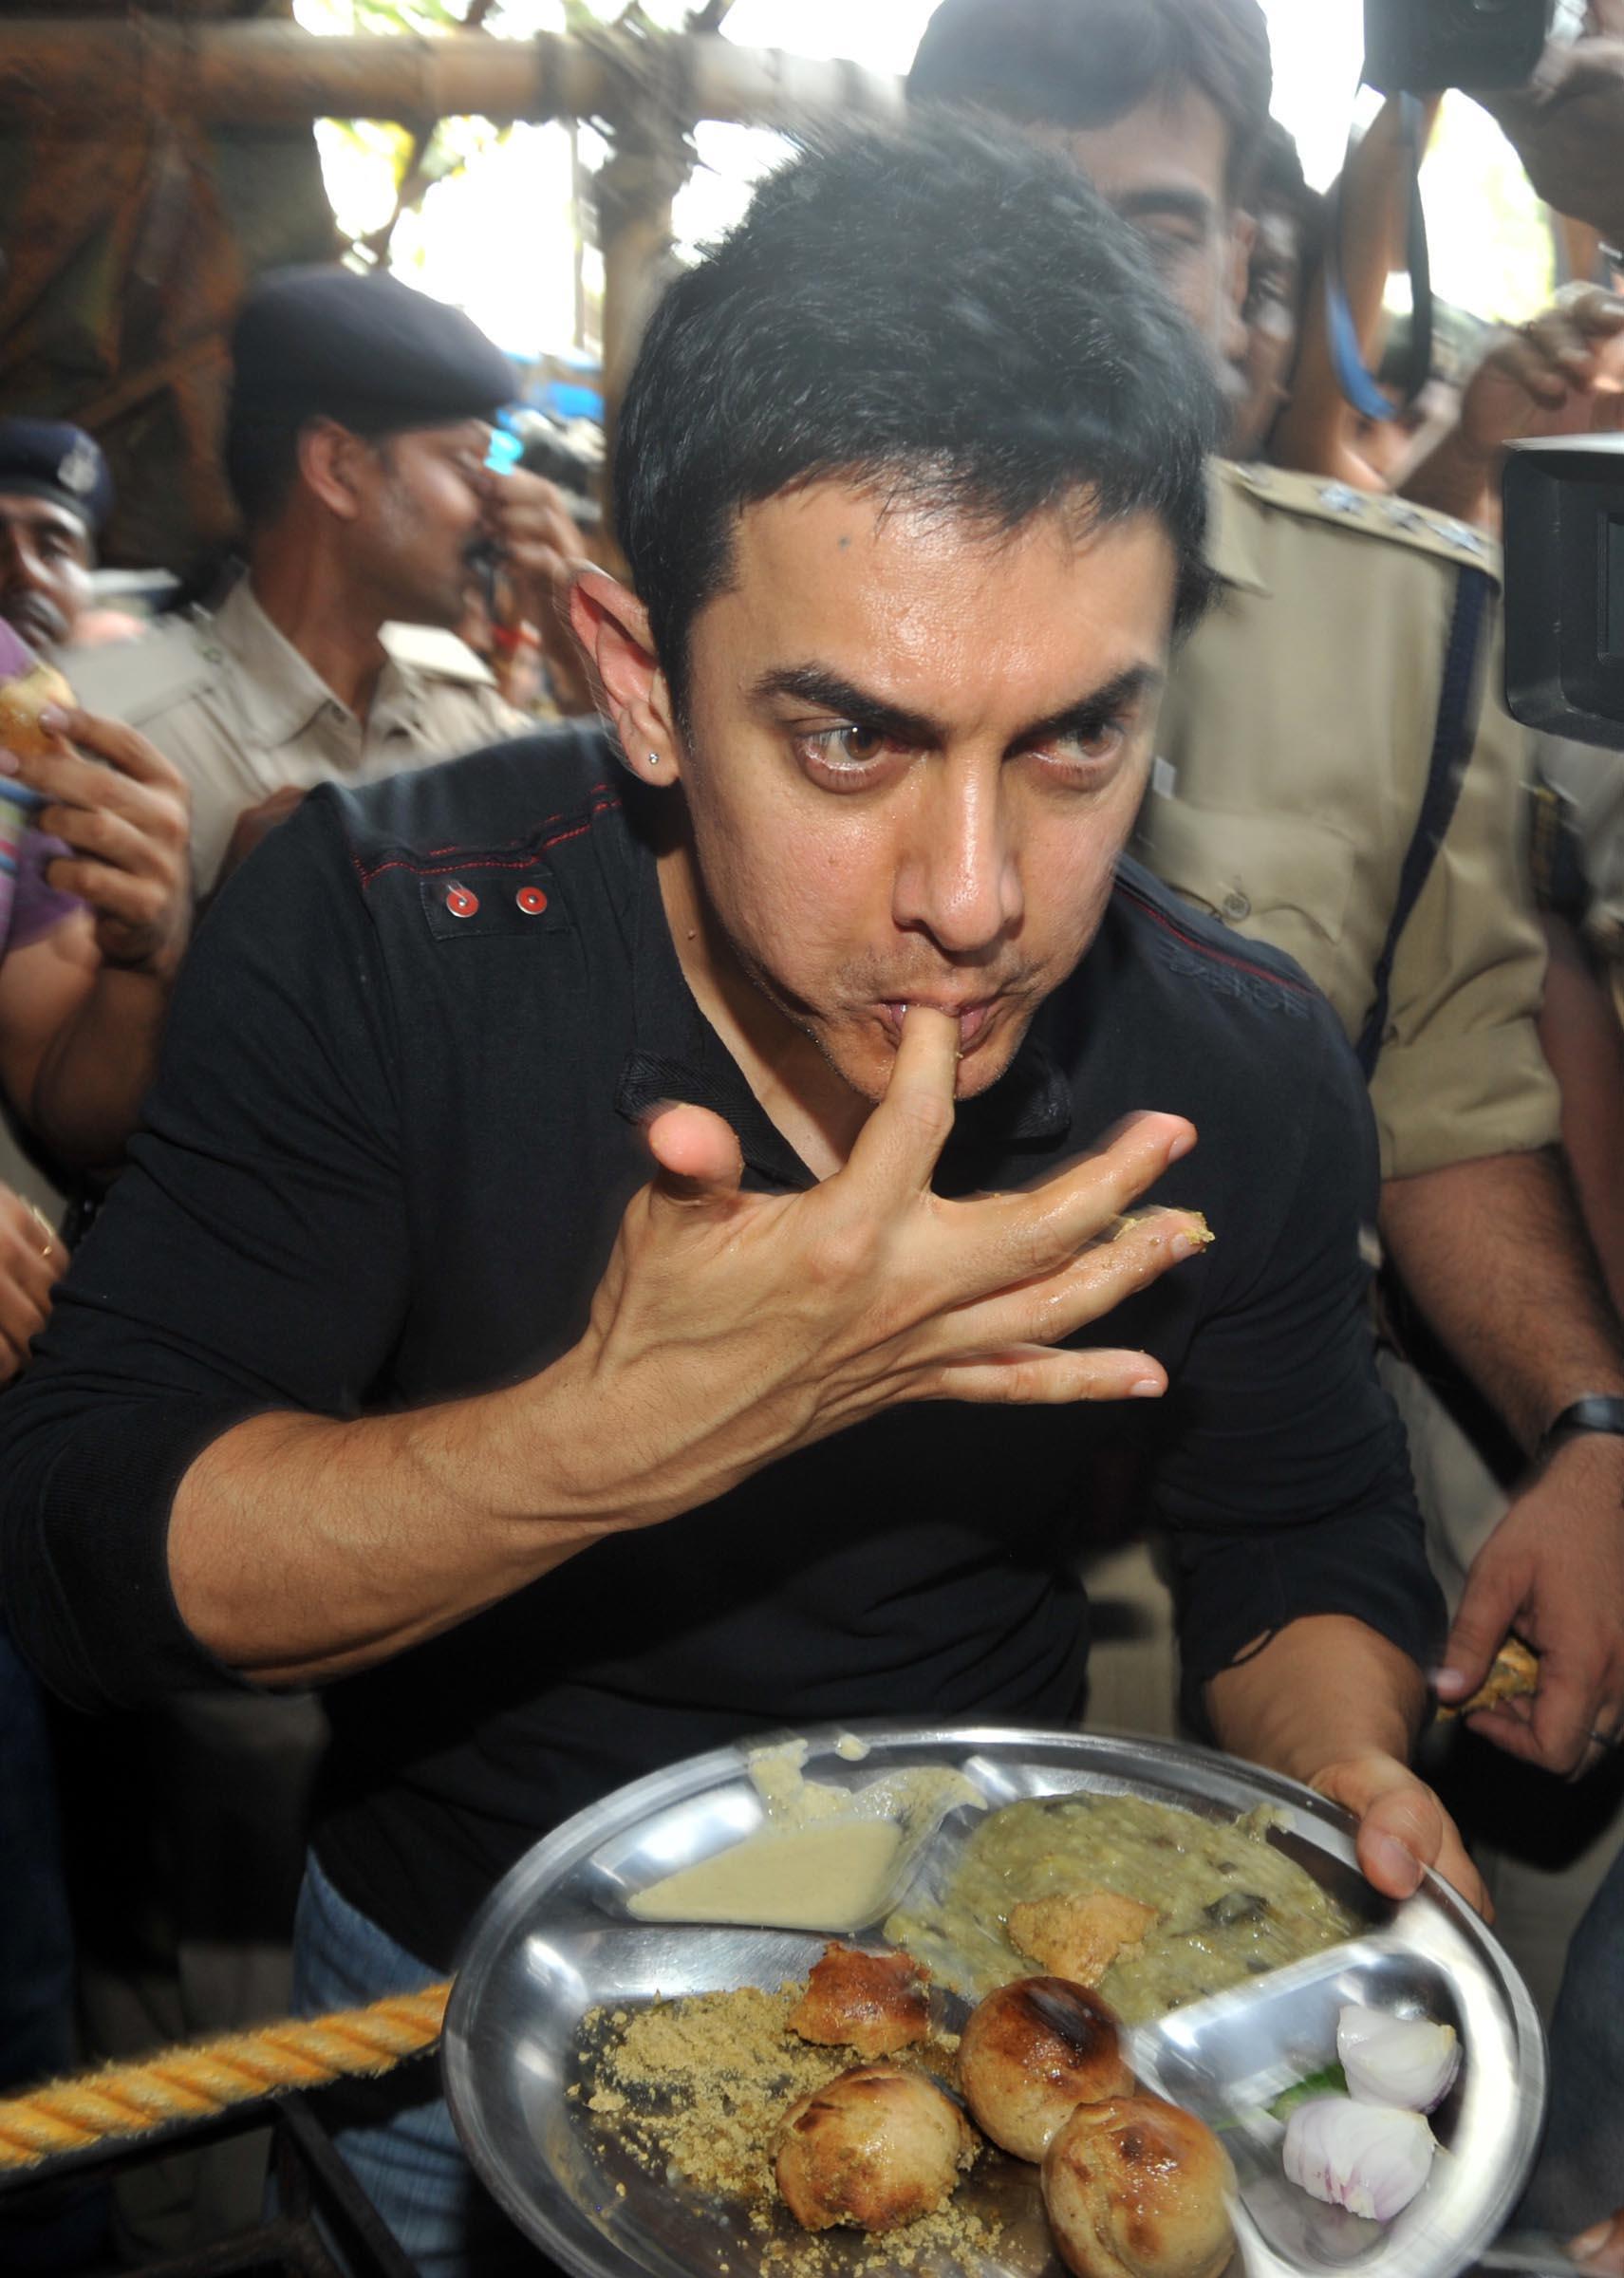 आमिर खान डाएटही पाळतो. शाकाहार आणि मांसाहार दोन्ही खातो. आमिर दिवसातून सहा वेळा थोडं थोडं खातो.